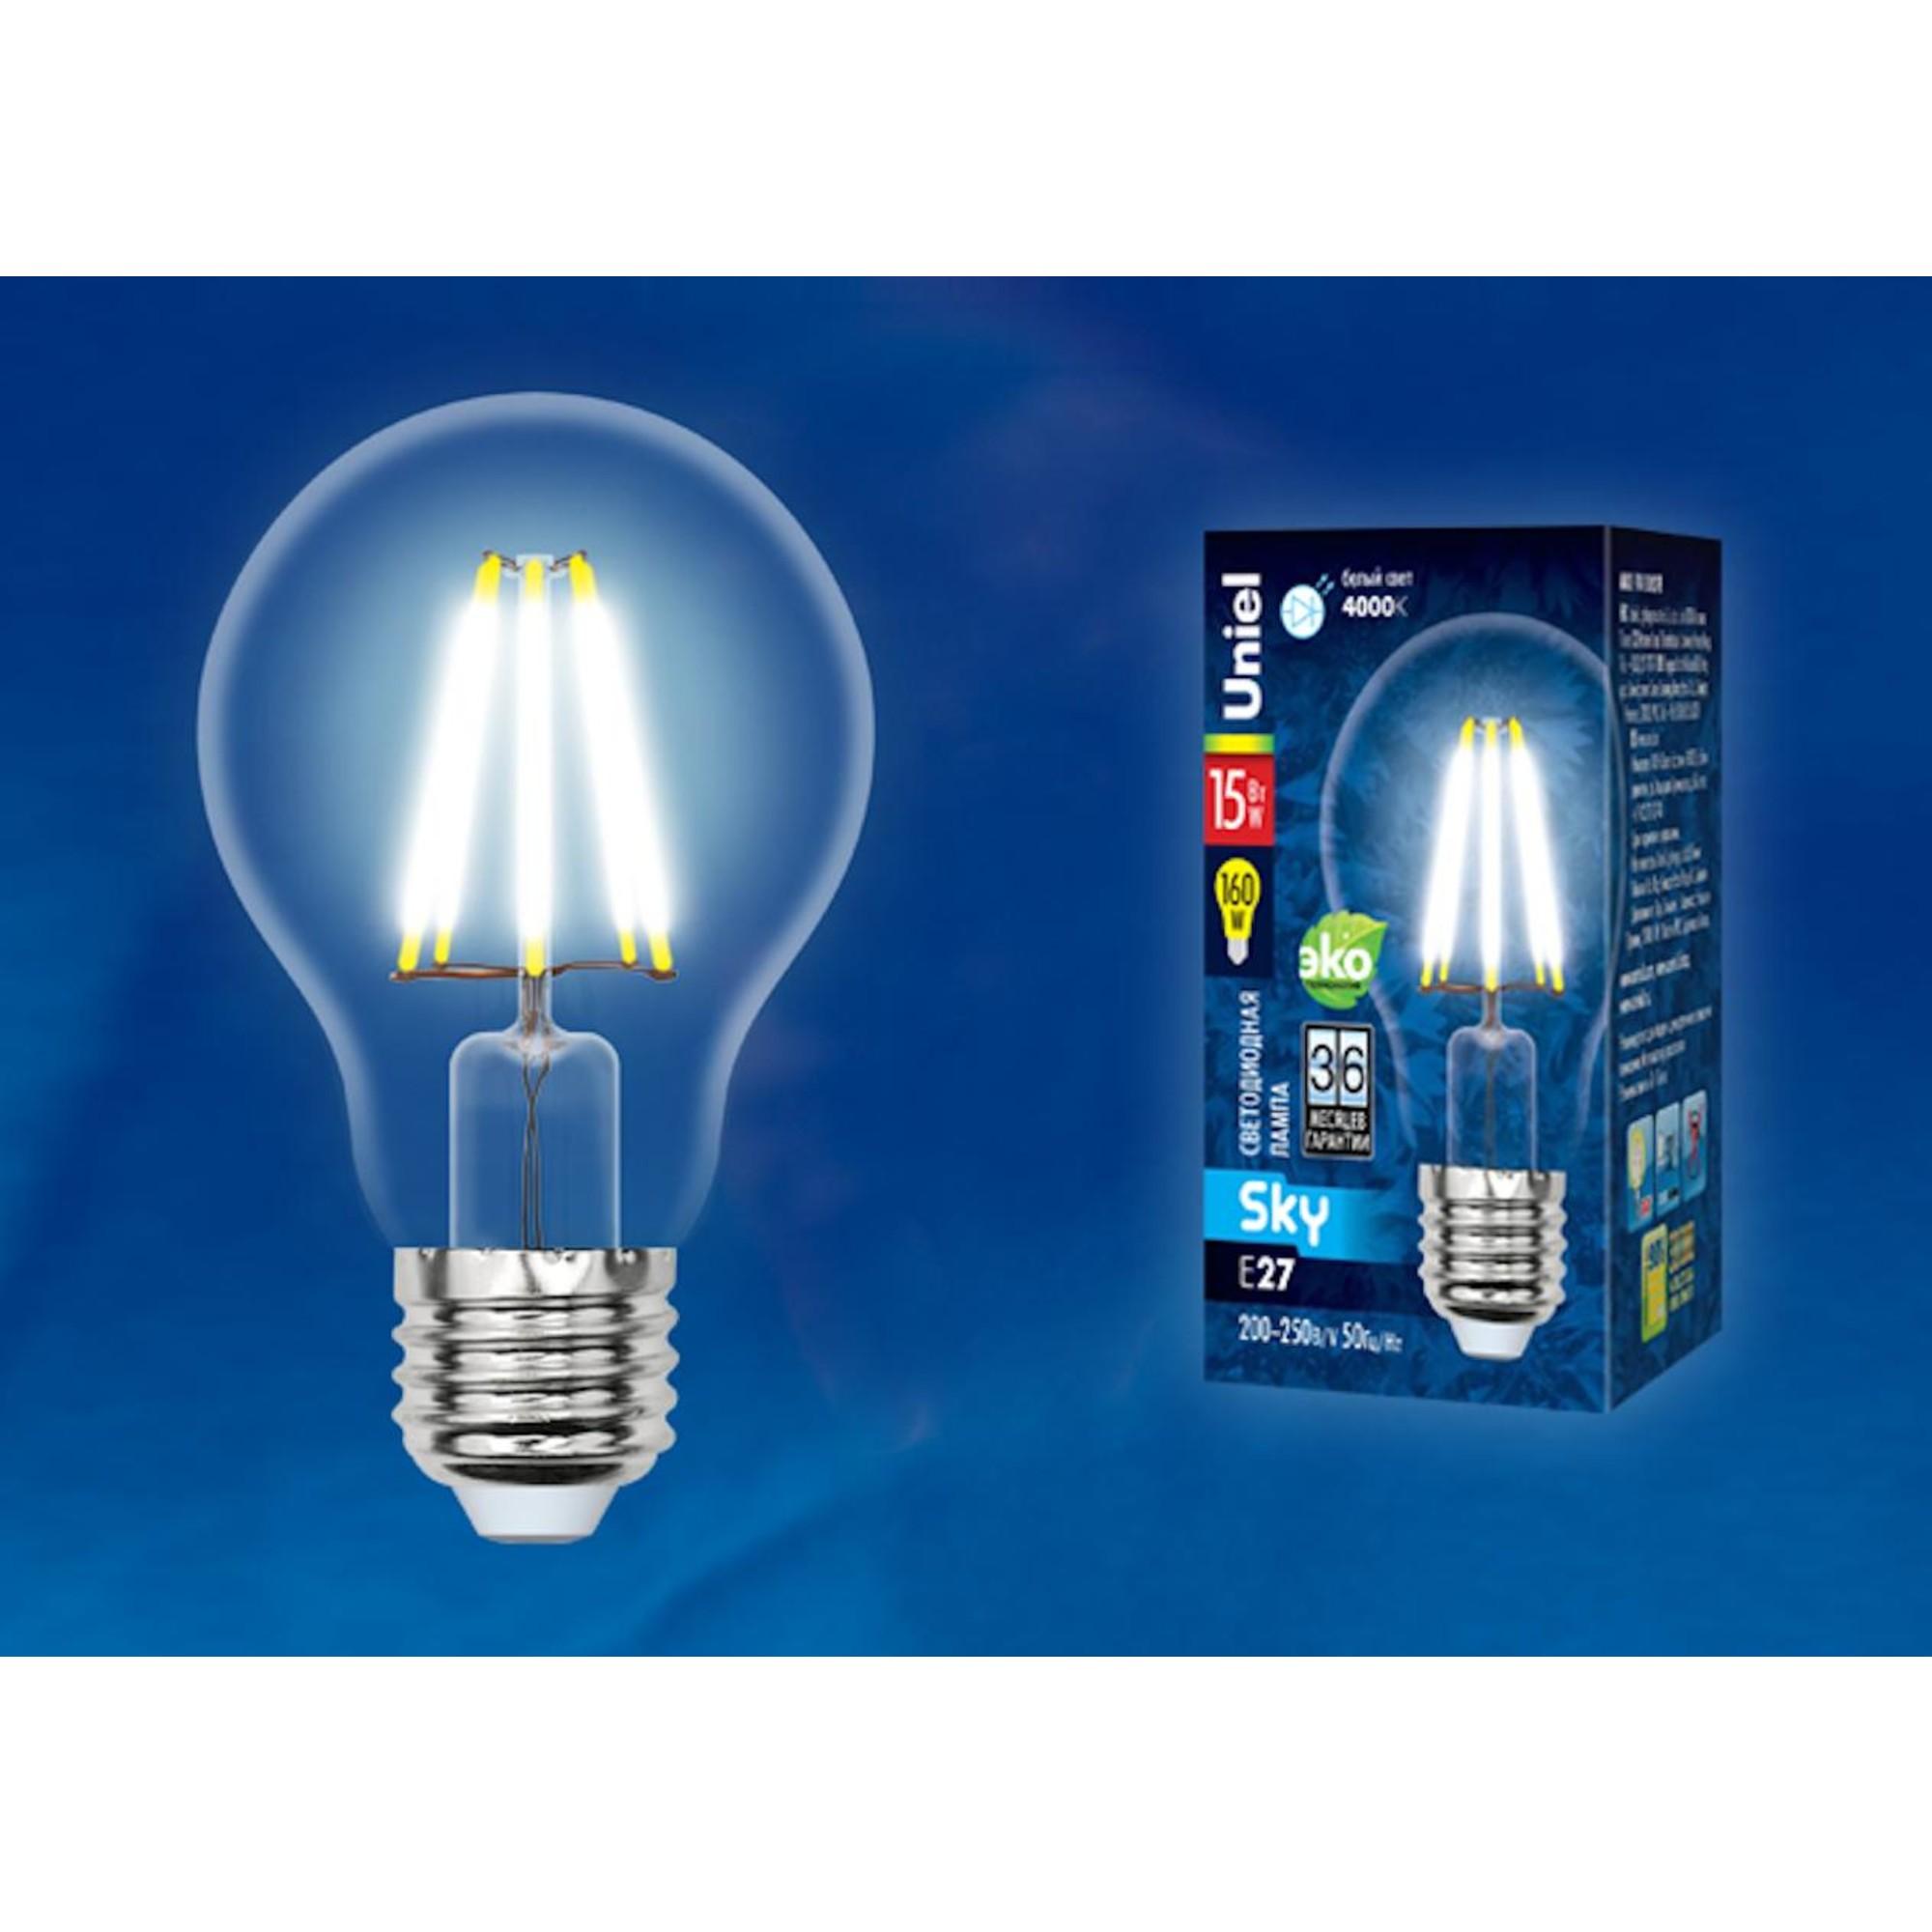 Светодиодная лампочка Uniel UL-00004869 E27 1600 Лм 15 Вт